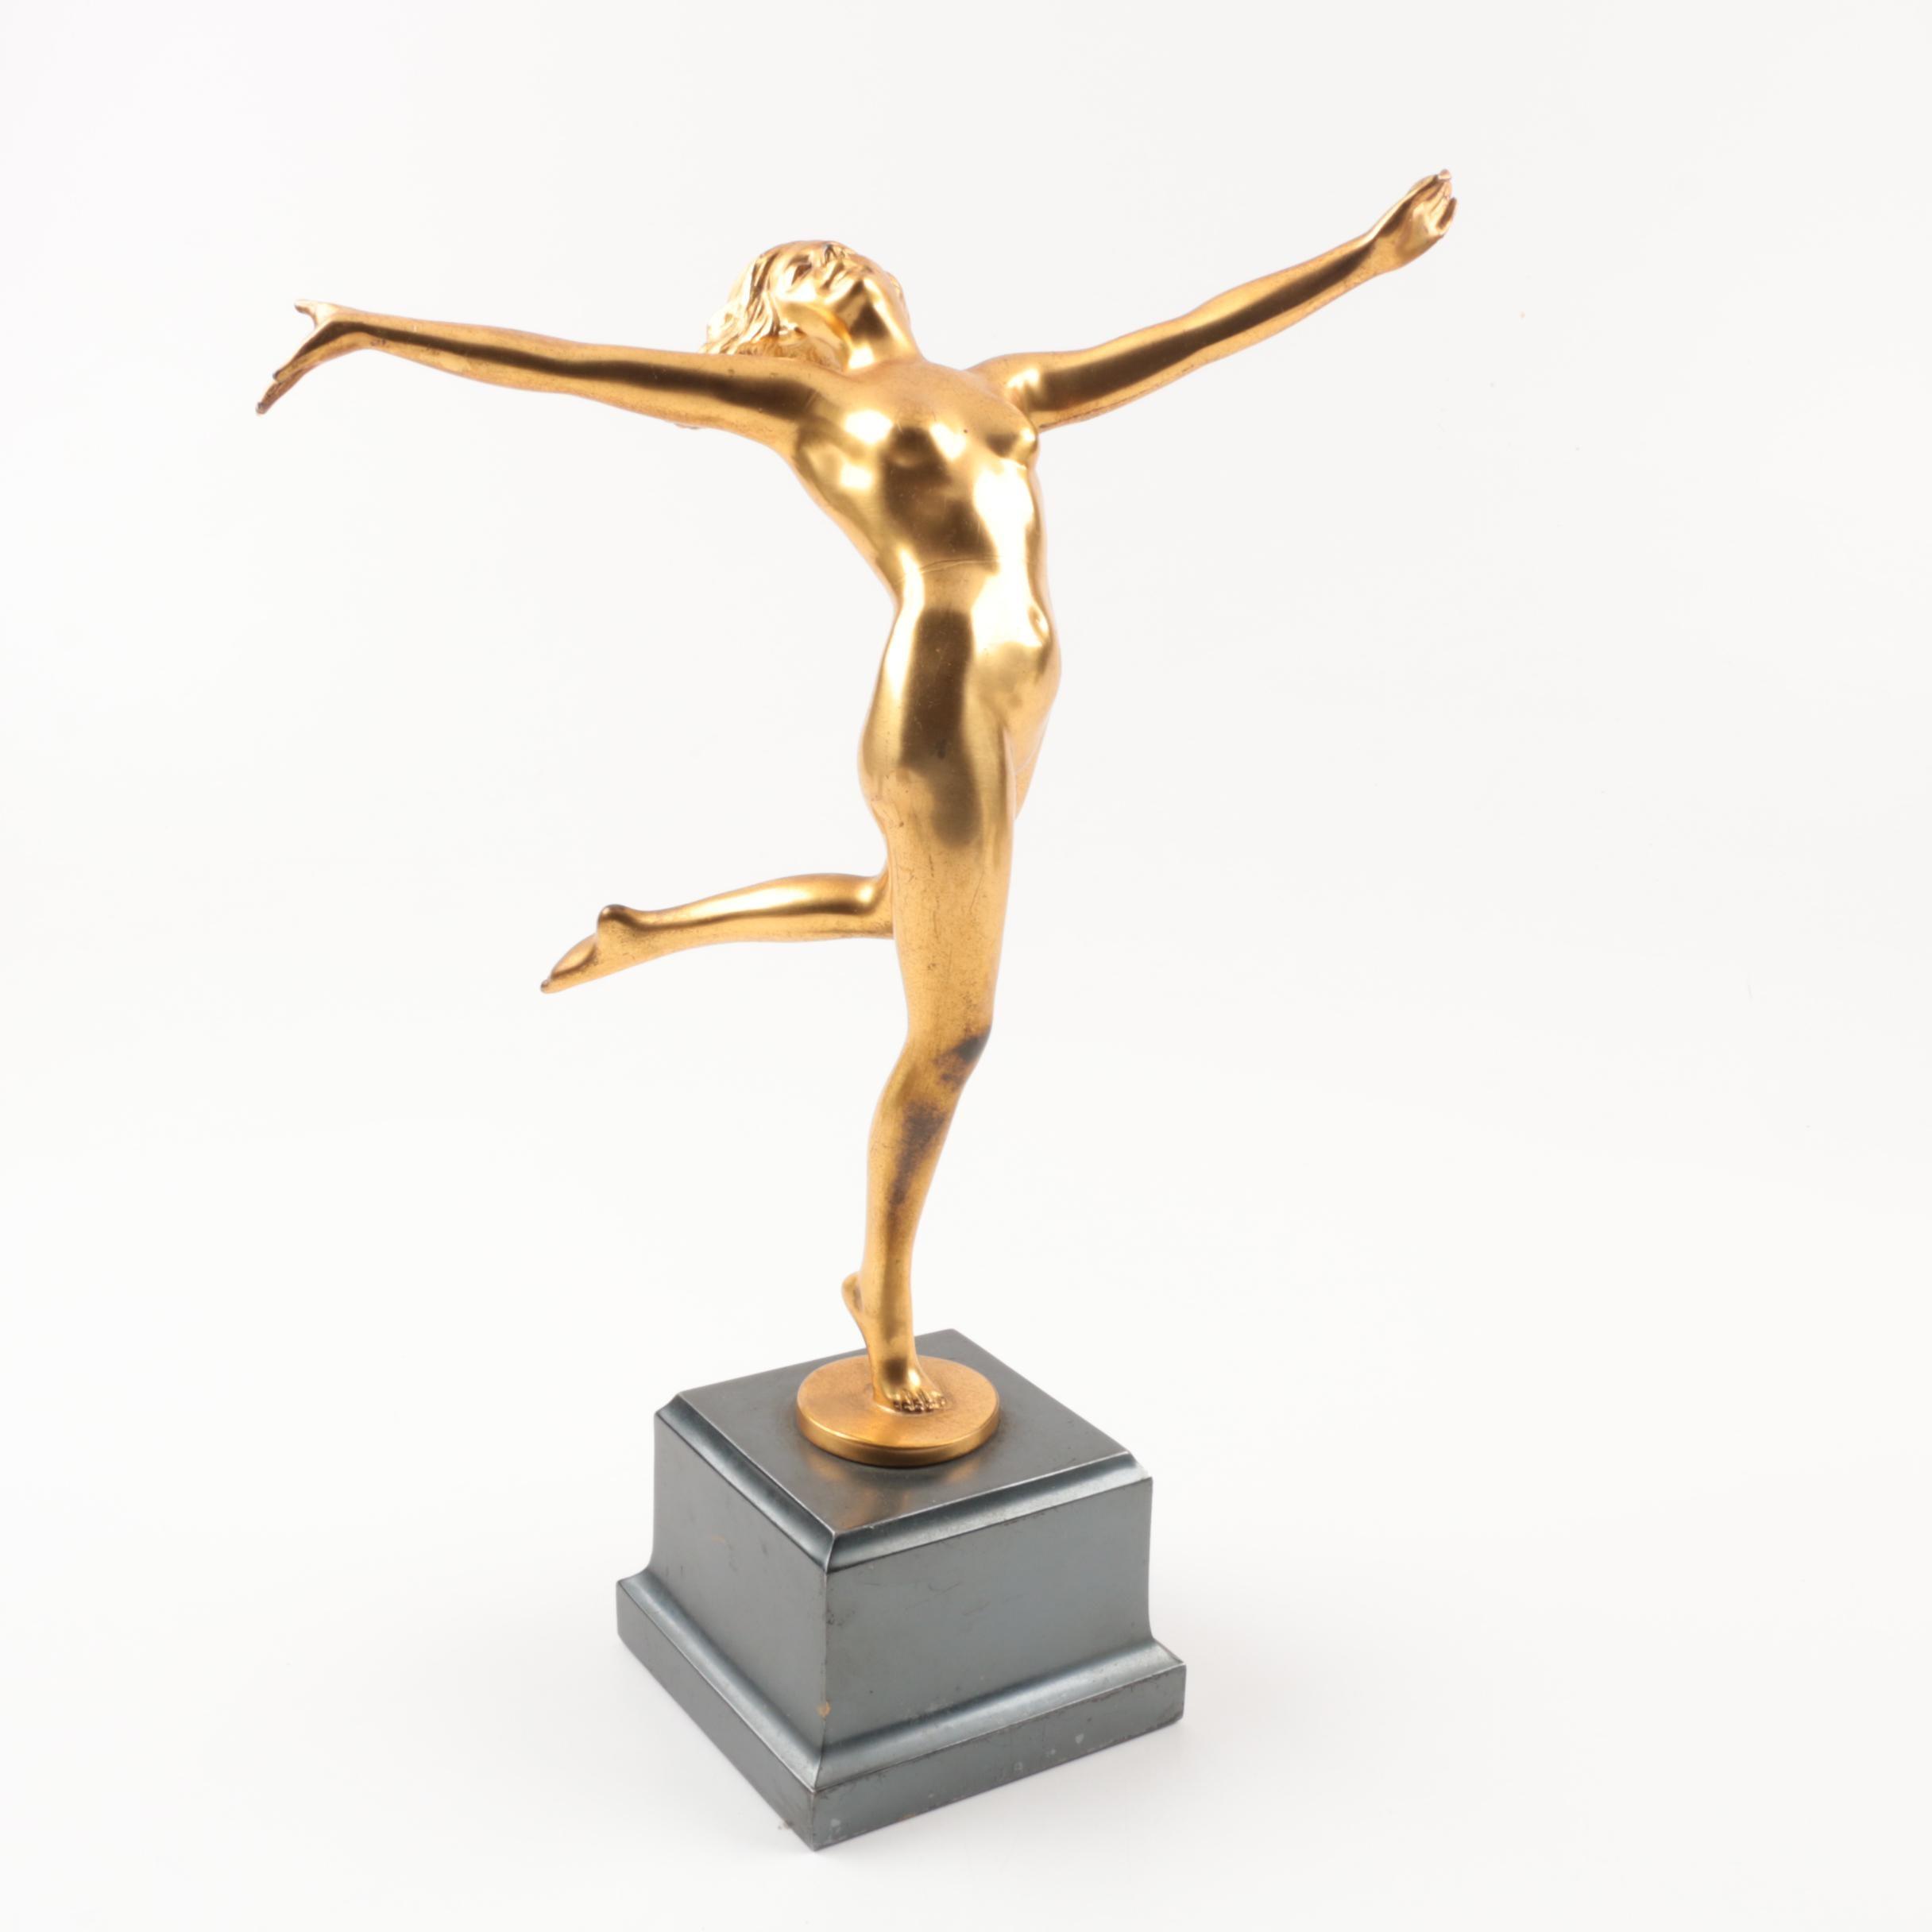 Jennings Brothers Art Deco Gilt Brass Sculpture